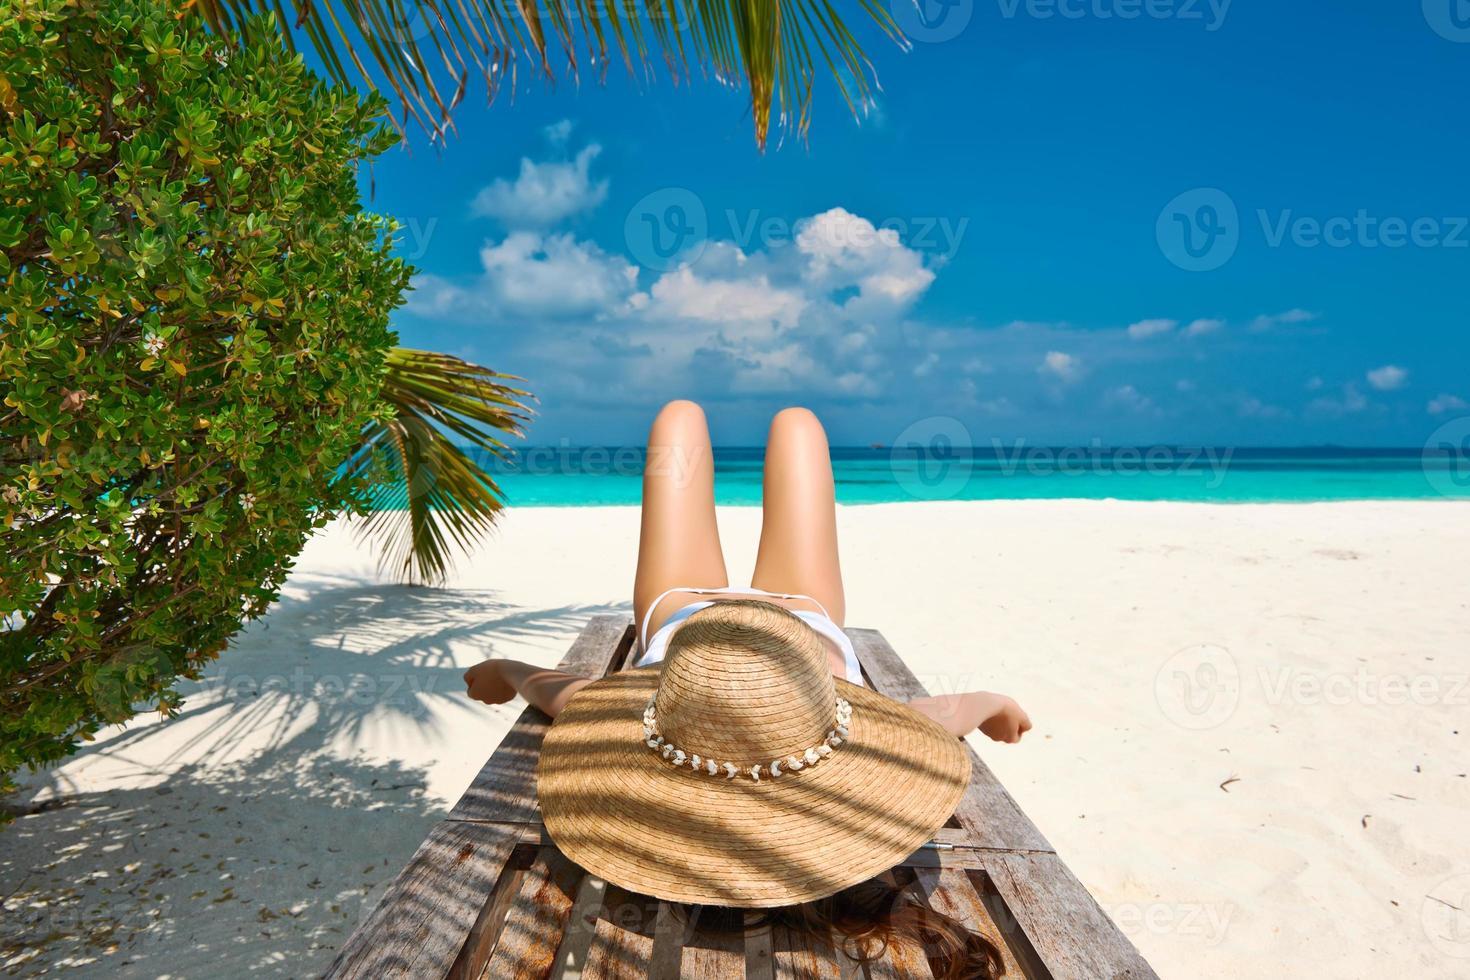 donna in spiaggia sdraiata sulla chaise longue foto